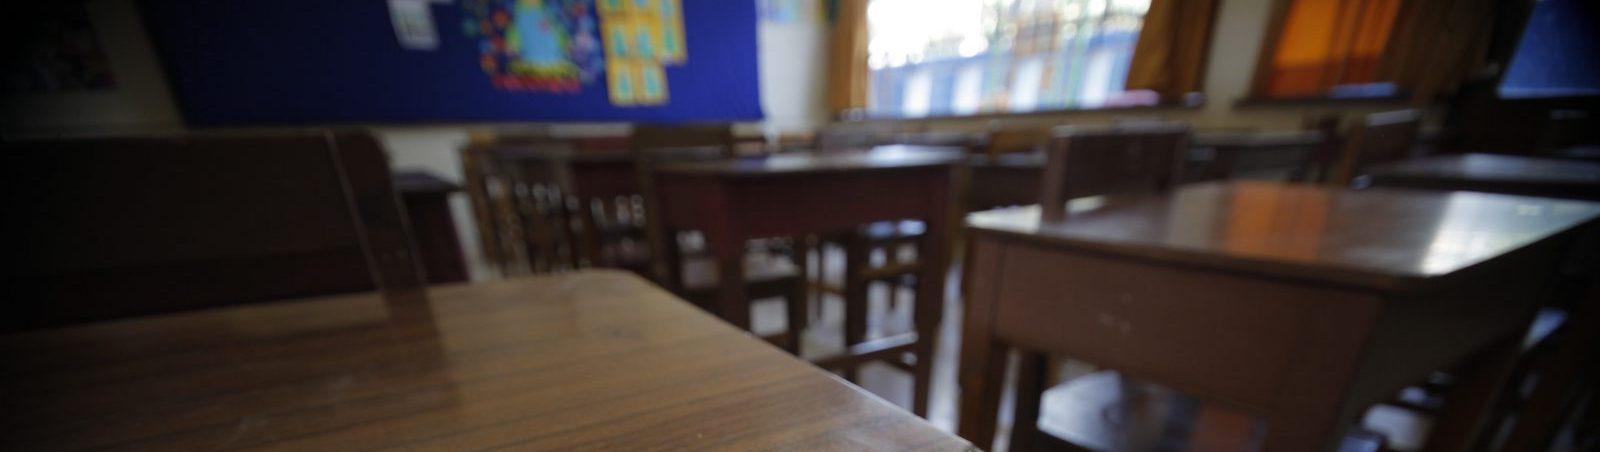 11 de Diciembre de 2011/ Santiago Desde las cinco de la tarde se abren las puertas de los diferentes recintos ,que albergaran a miles de estudiantes, que rinden la prueba de seleccion universitaria.este lunes 12 de Diciembre a lo largo de todo el pais.  FOTO:JOSE CARVAJAL/AGENCIAUNO